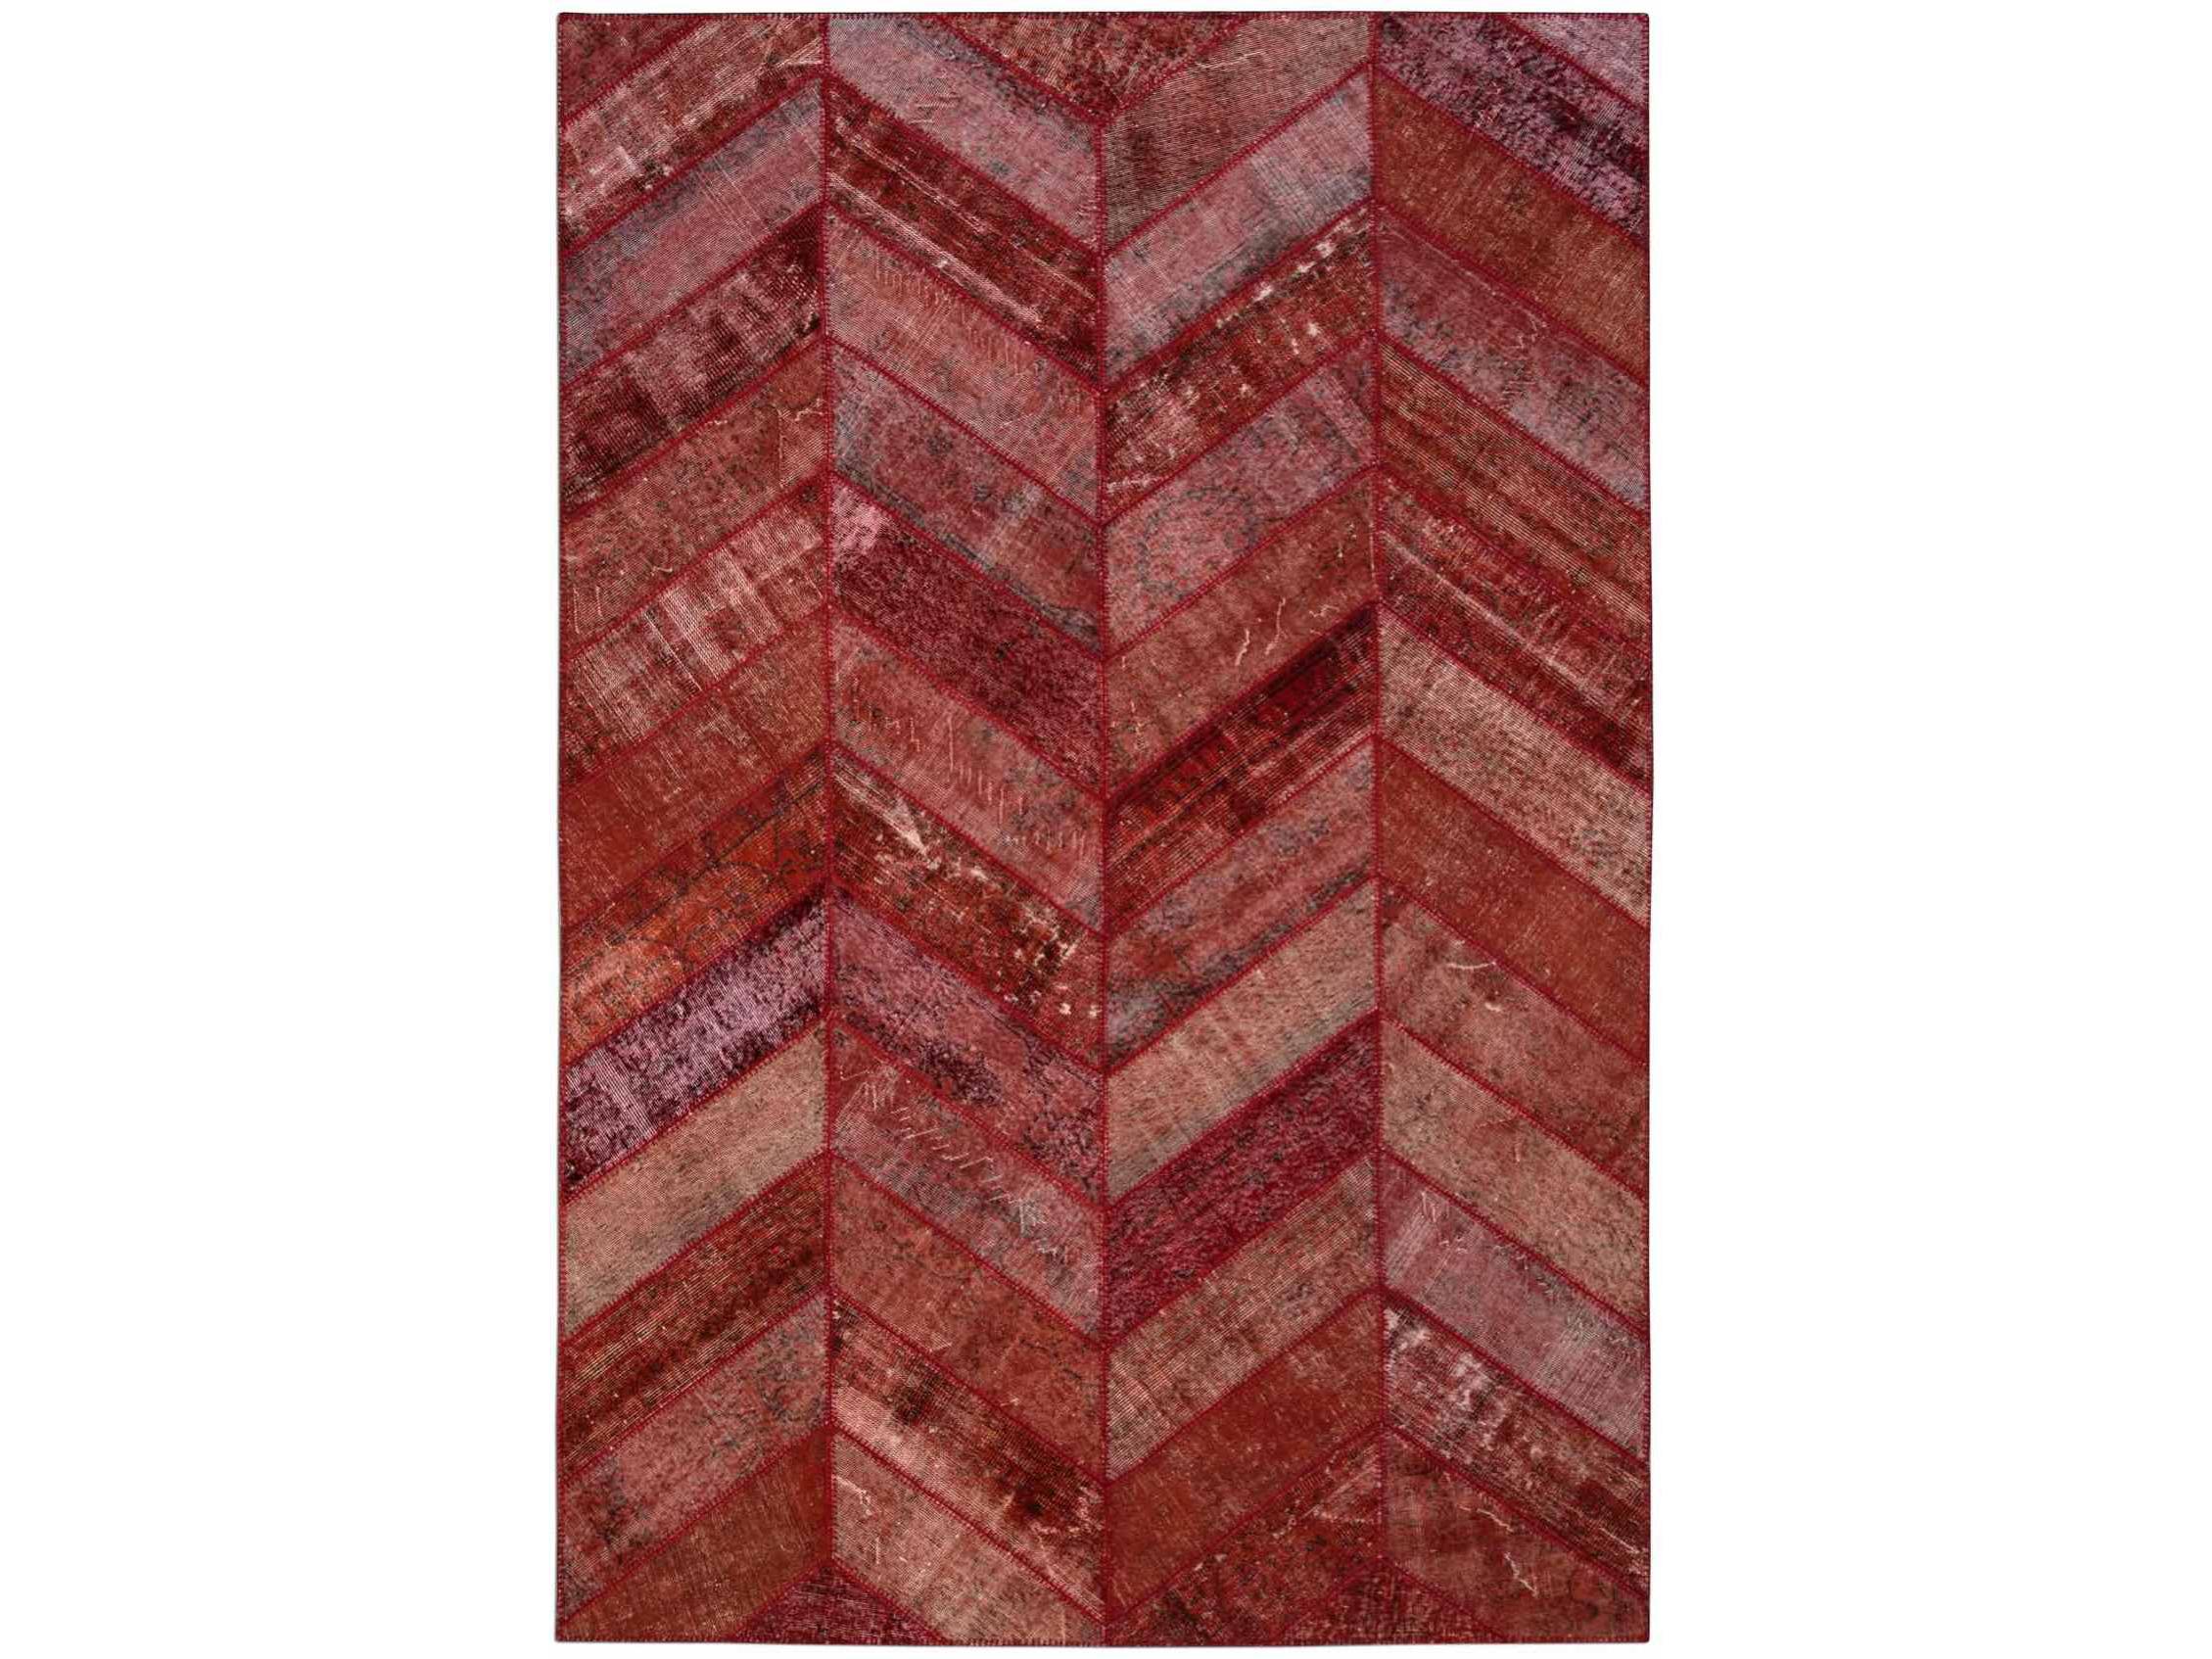 Ковер PatchworkПрямоугольные ковры<br>Винтажный ковер ручной работы в стиле &amp;quot;пэчворк&amp;quot; <br>из 100% шерсти. Ковер прекрасно подходит в <br>любые современные и классические интерьеры, <br>а благодаря тощине ковра всего 5 мм. и отсутствию <br>ворса, его легко чистить любыми видами пылесосов. <br>Этот настоящий ковер ручной работы не потеряет <br>своих красок и будет служить десятилетия. <br>В нашем ассортименте более 3000 ковров &amp;quot;пэчворк&amp;quot; <br>различных размеров и расцветок! Если не <br>нашли, тот ковер, который искали, обращайтесь <br>к нашим менеджерам, мы предоставим полный <br>каталог!<br><br>Material: Шерсть<br>Ширина см: 204<br>Глубина см: 306